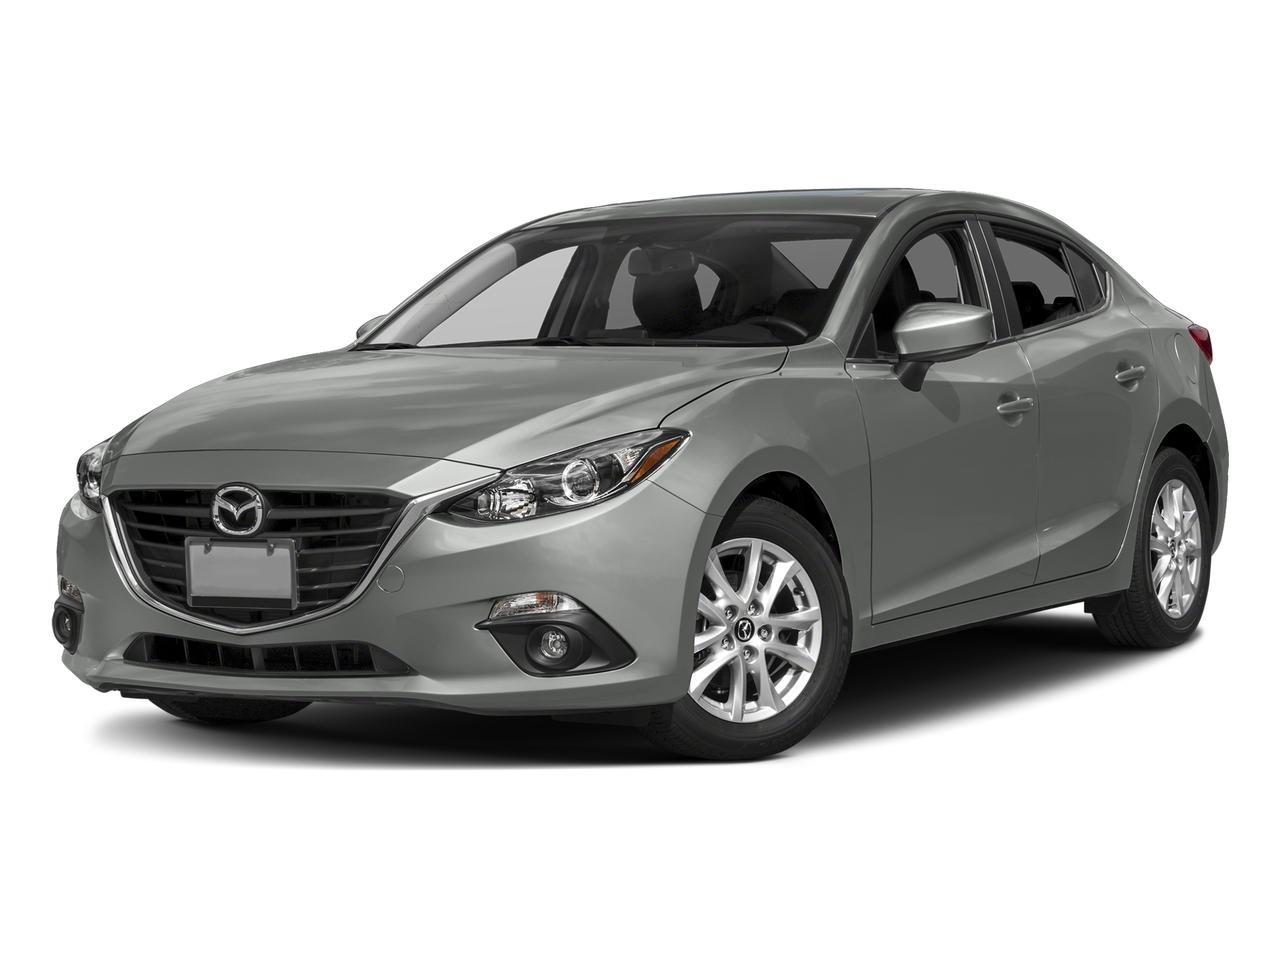 2016 Mazda Mazda3 Vehicle Photo in Carlsbad, CA 92008